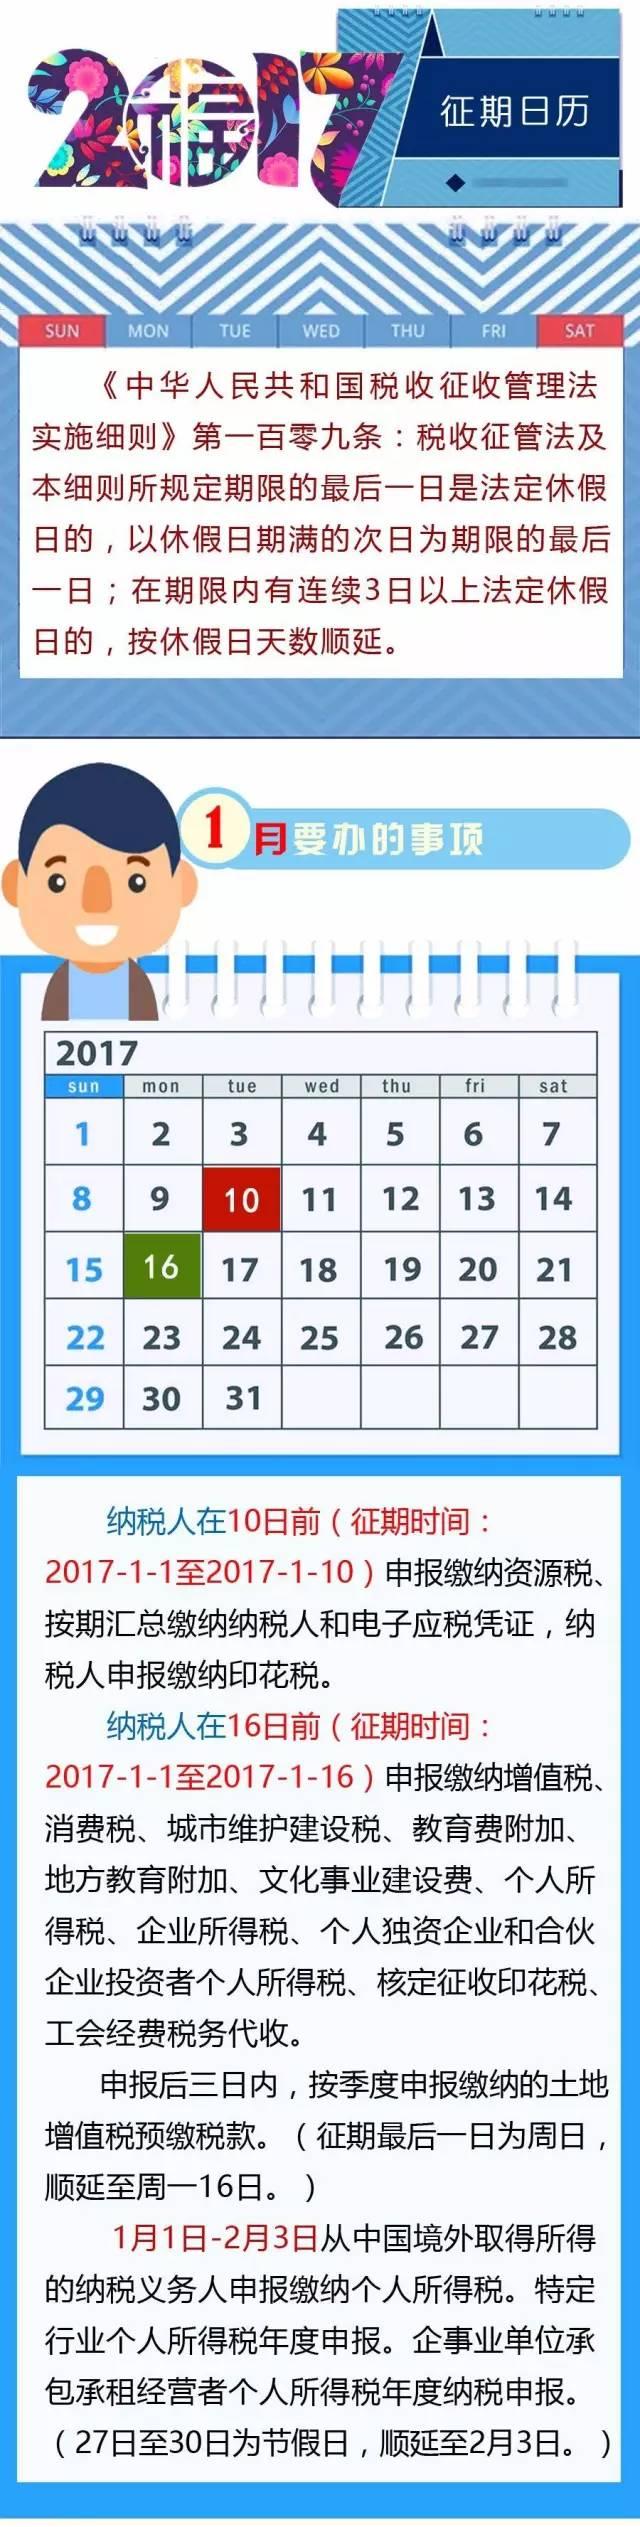 2017办税看它就够了!2017征期日历新鲜出炉~收藏! 〖税务知识〗 第2张